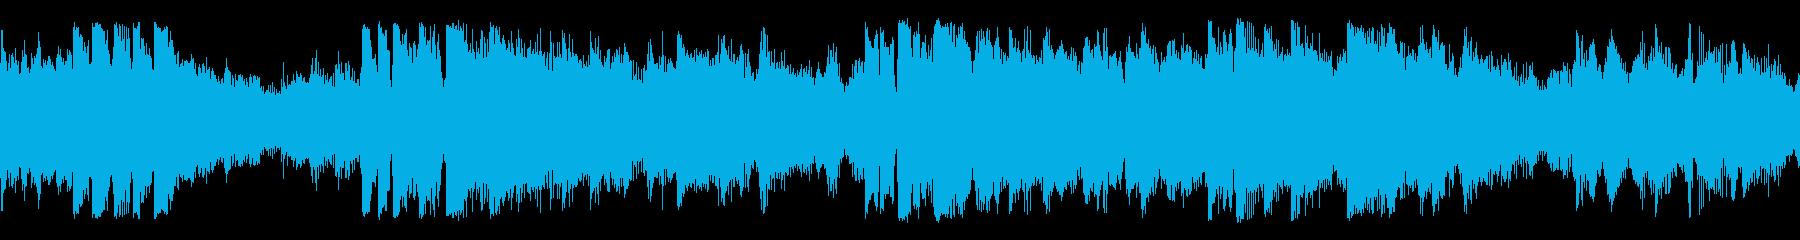 ソフト、メロディック、イージージャ...の再生済みの波形